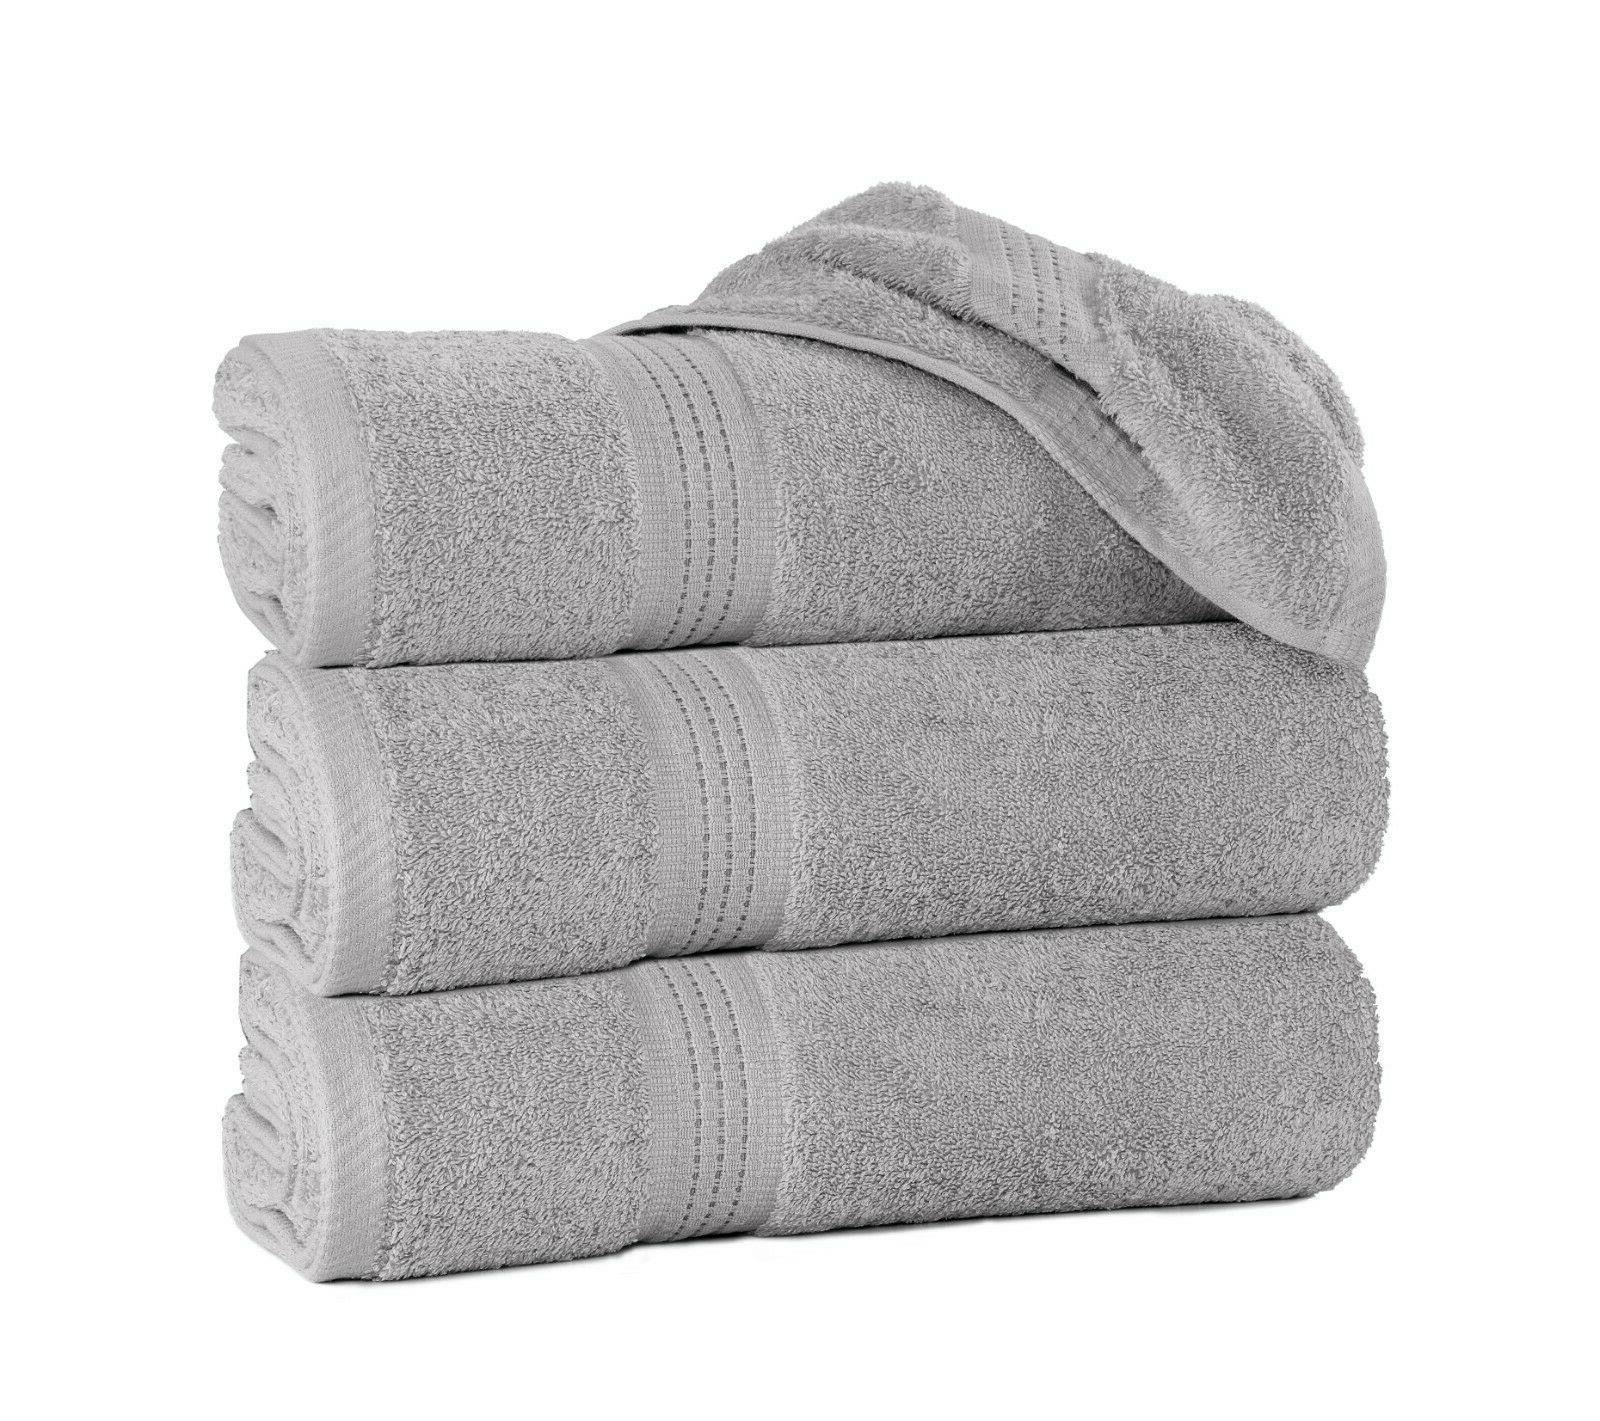 """Large Bath Towel Sets Sheets 100% Cotton 27""""x55"""" 500 Absorbent"""